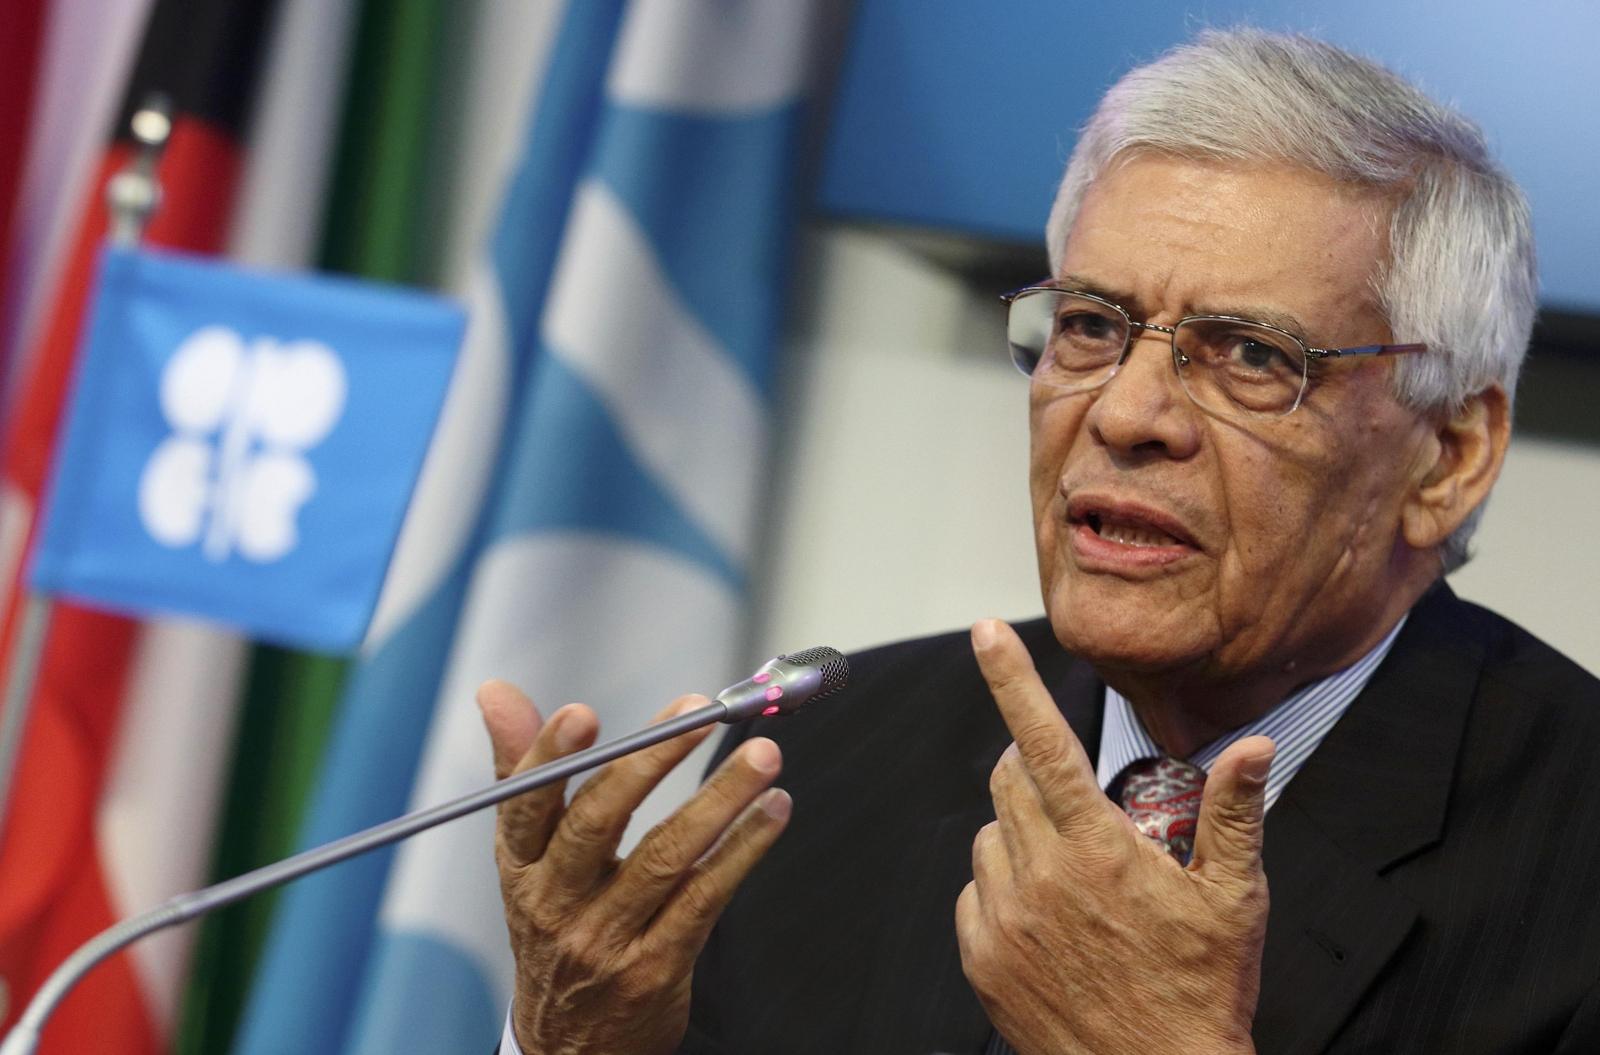 Saudis Block OPEC Output Cut, Oil Price Sinks Further